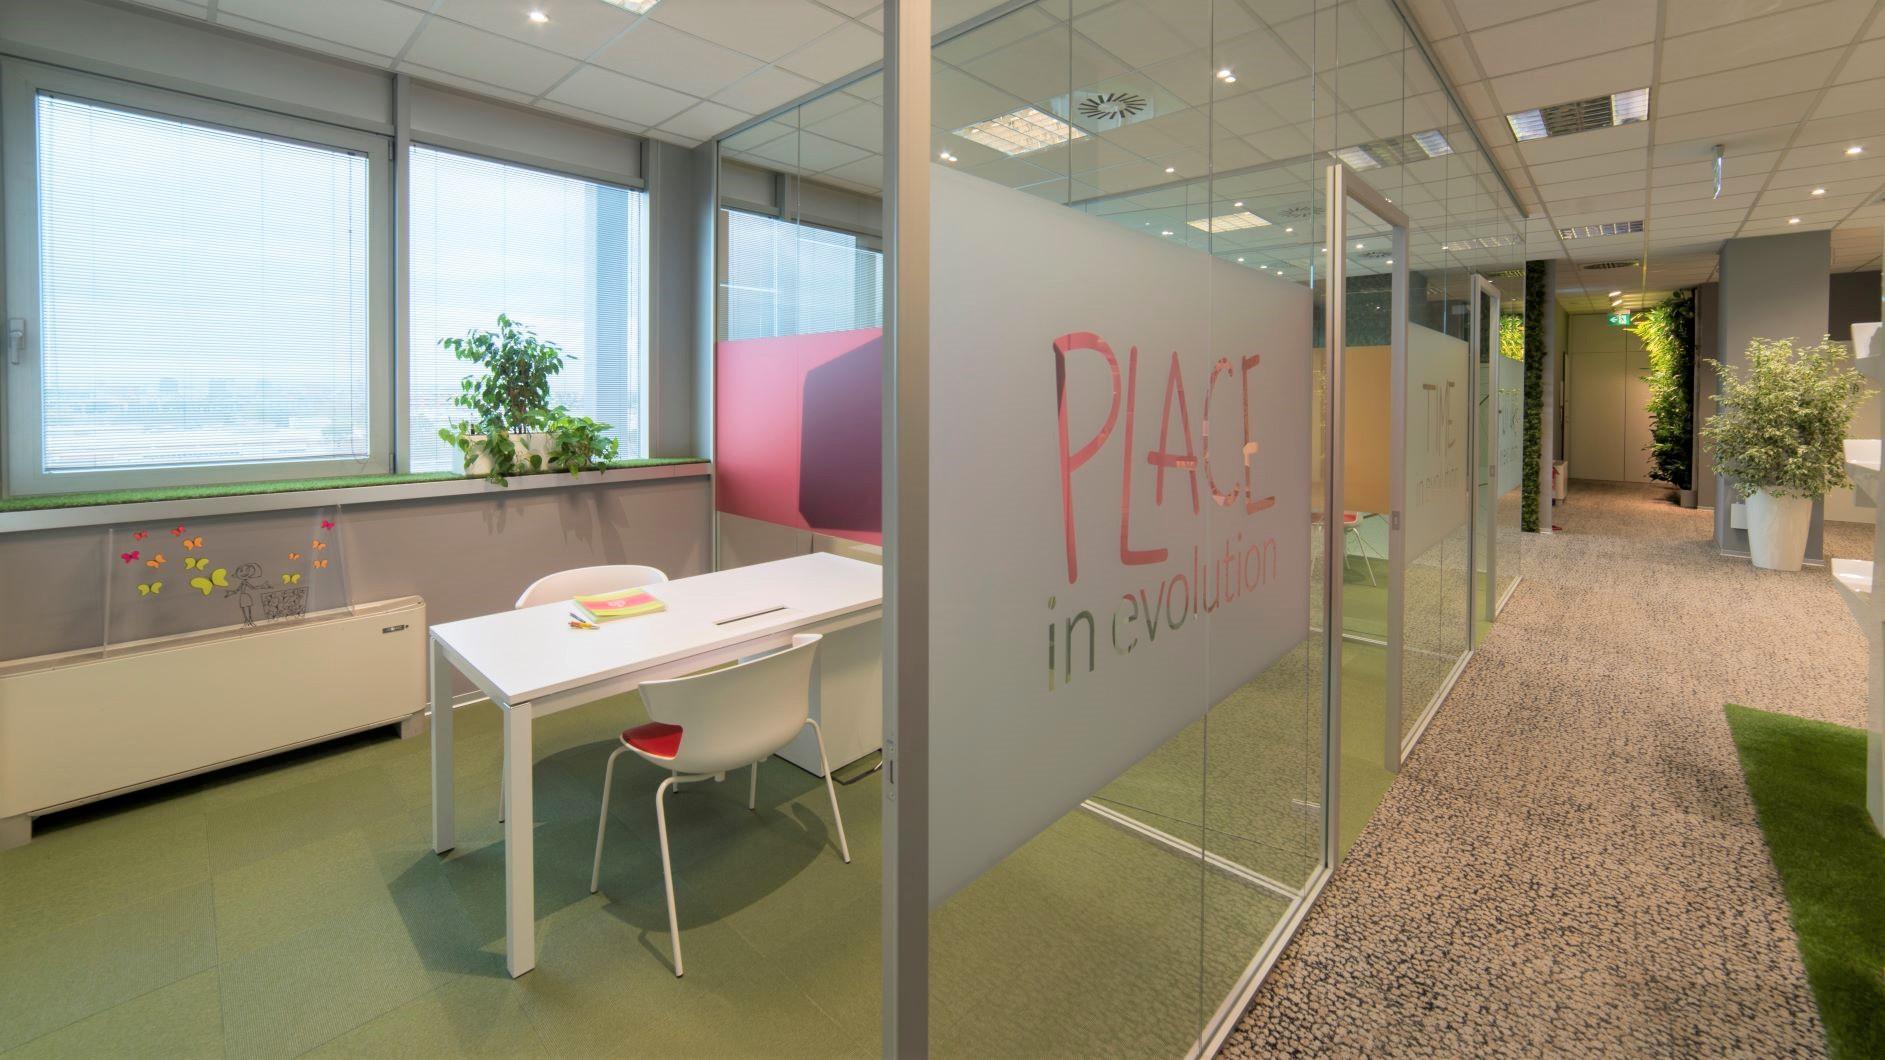 Noleggio ufficio - City panoramica 3 by eis